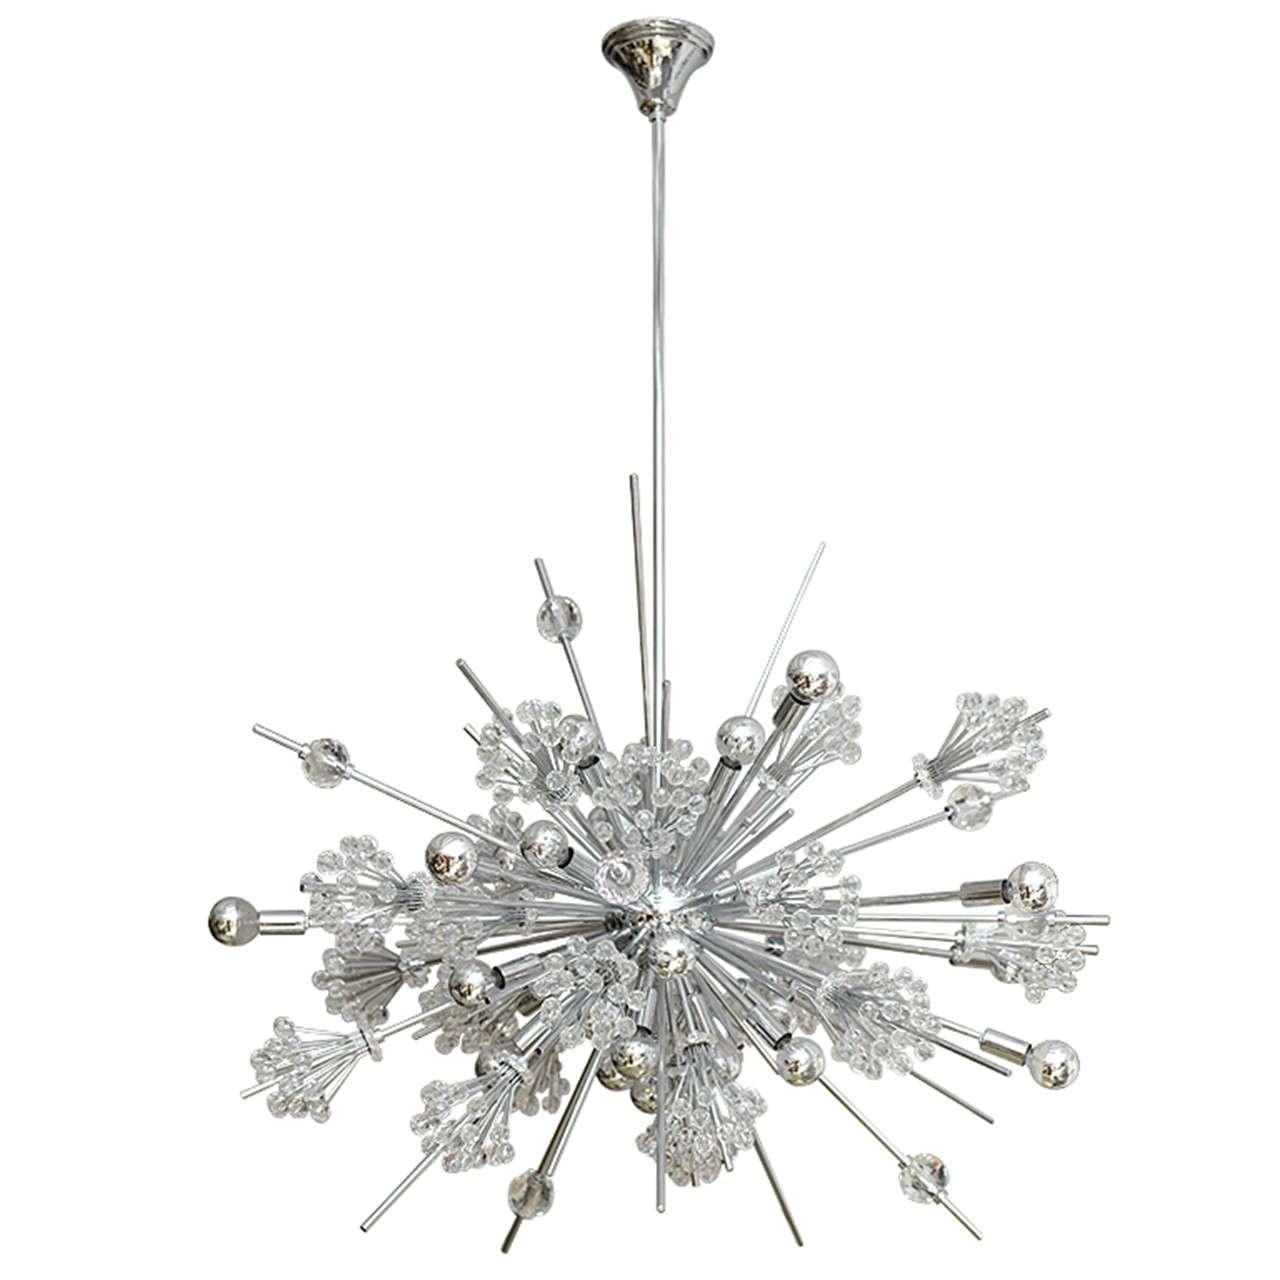 Swarovski Crystal Sputnik Chandelier At 1stdibs